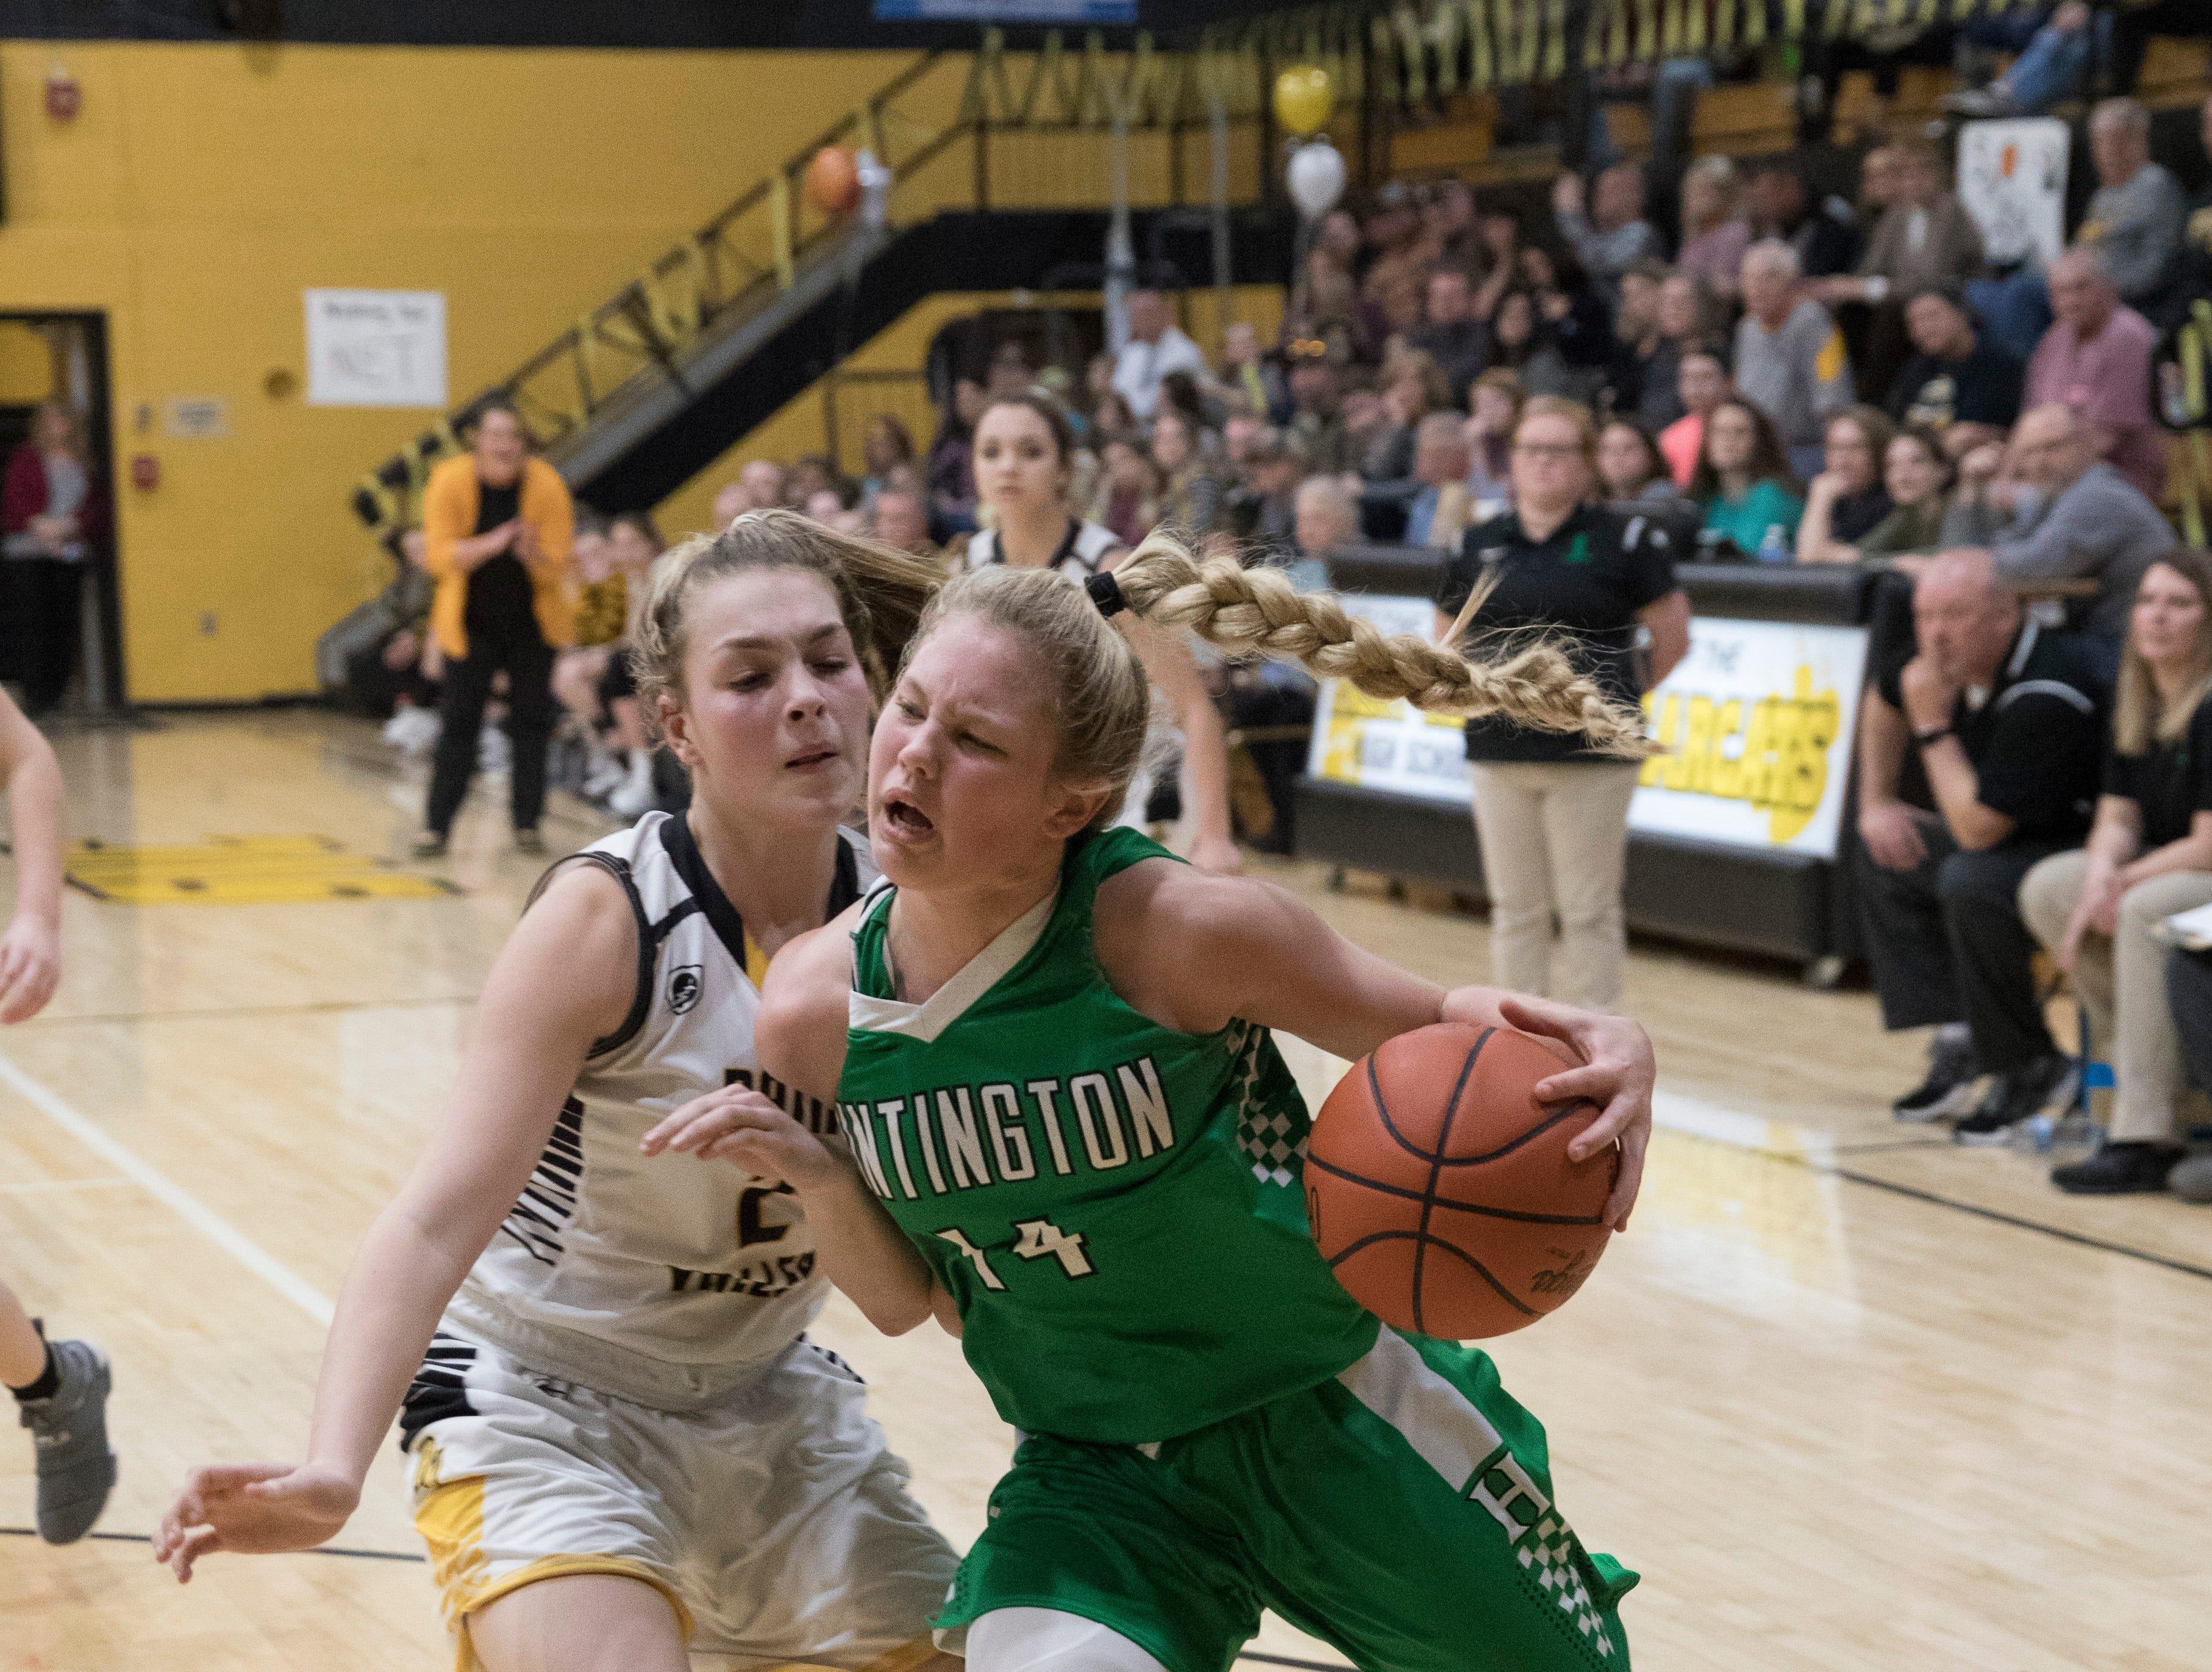 Huntington defeated Paint Valley 63-56 Thursday night in Bainbridge, Ohio.